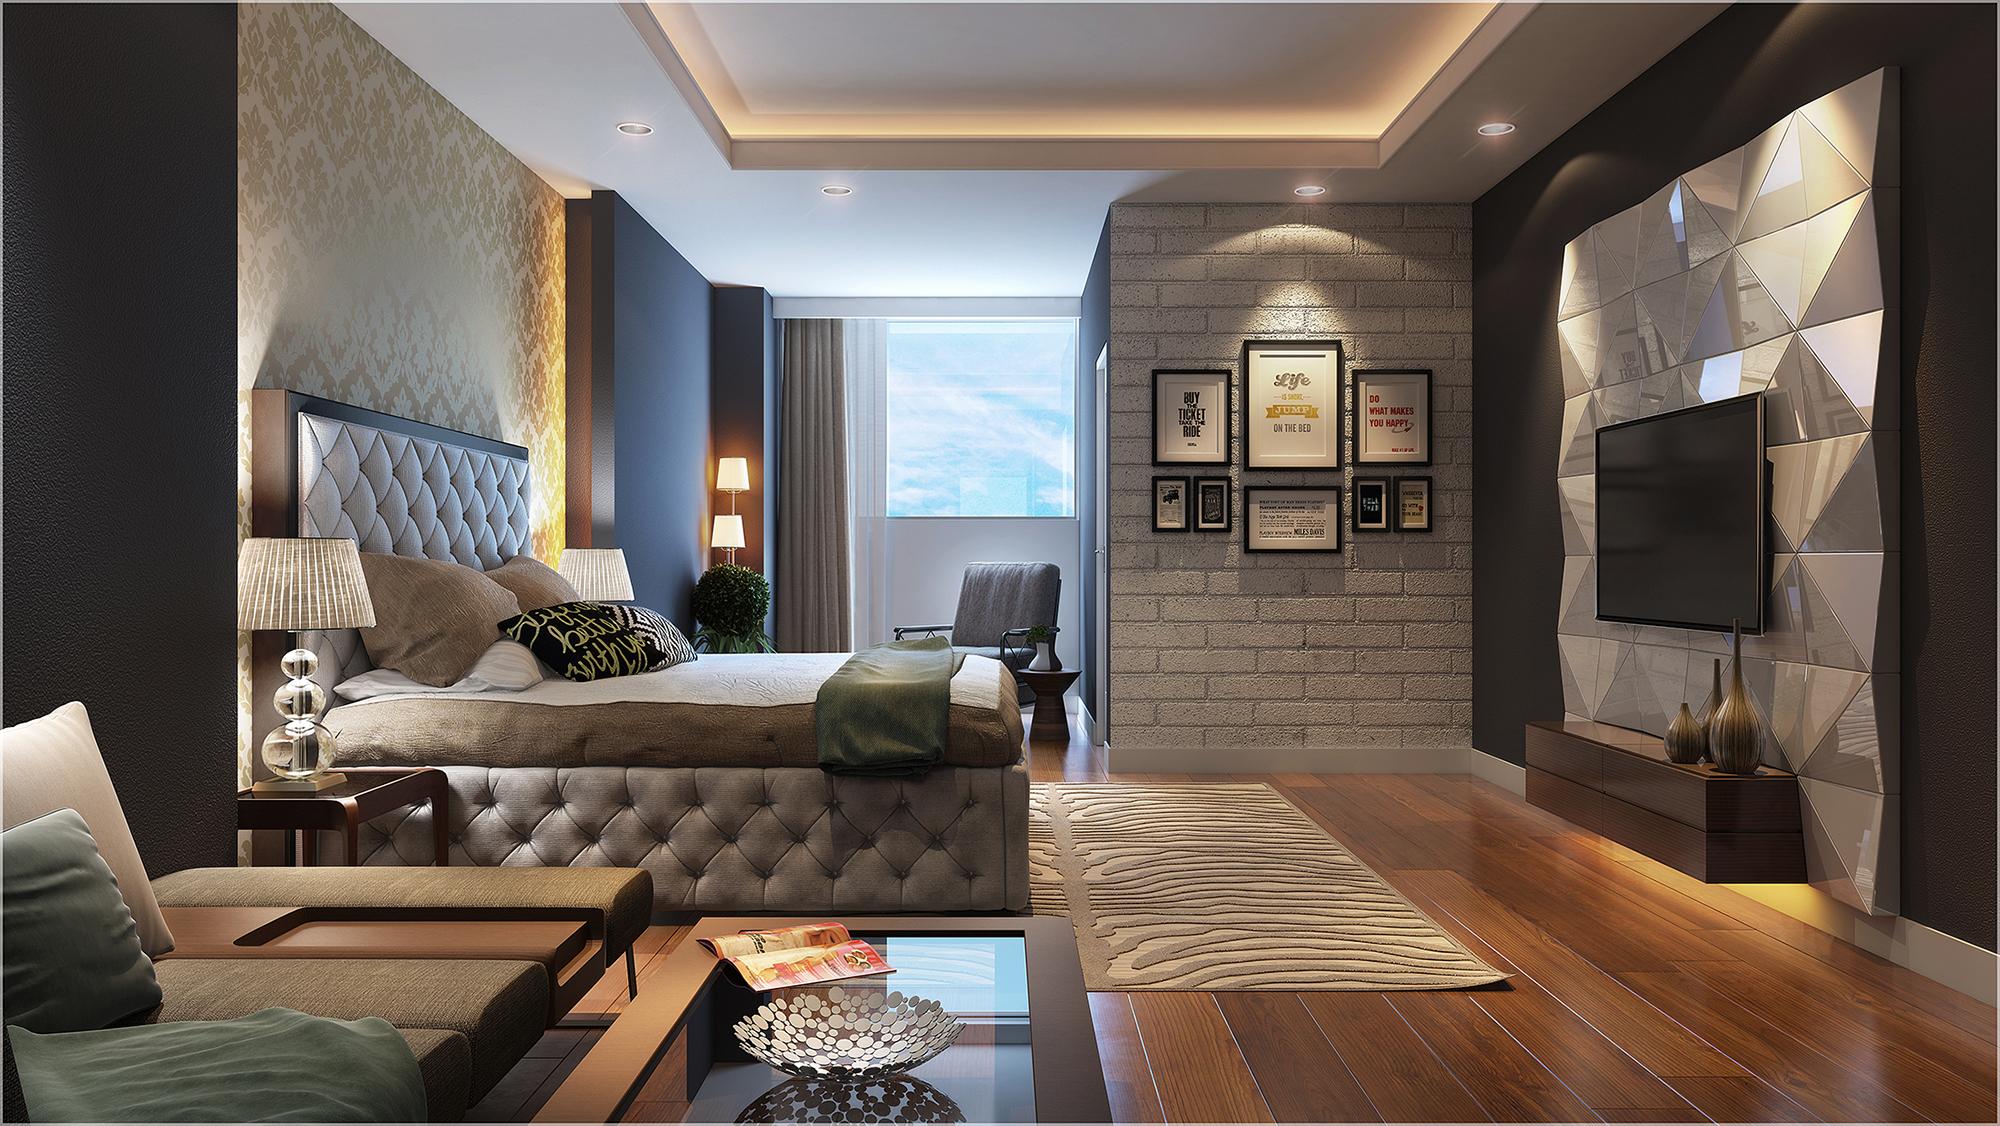 Фото интерьера и модного дизайна квартир